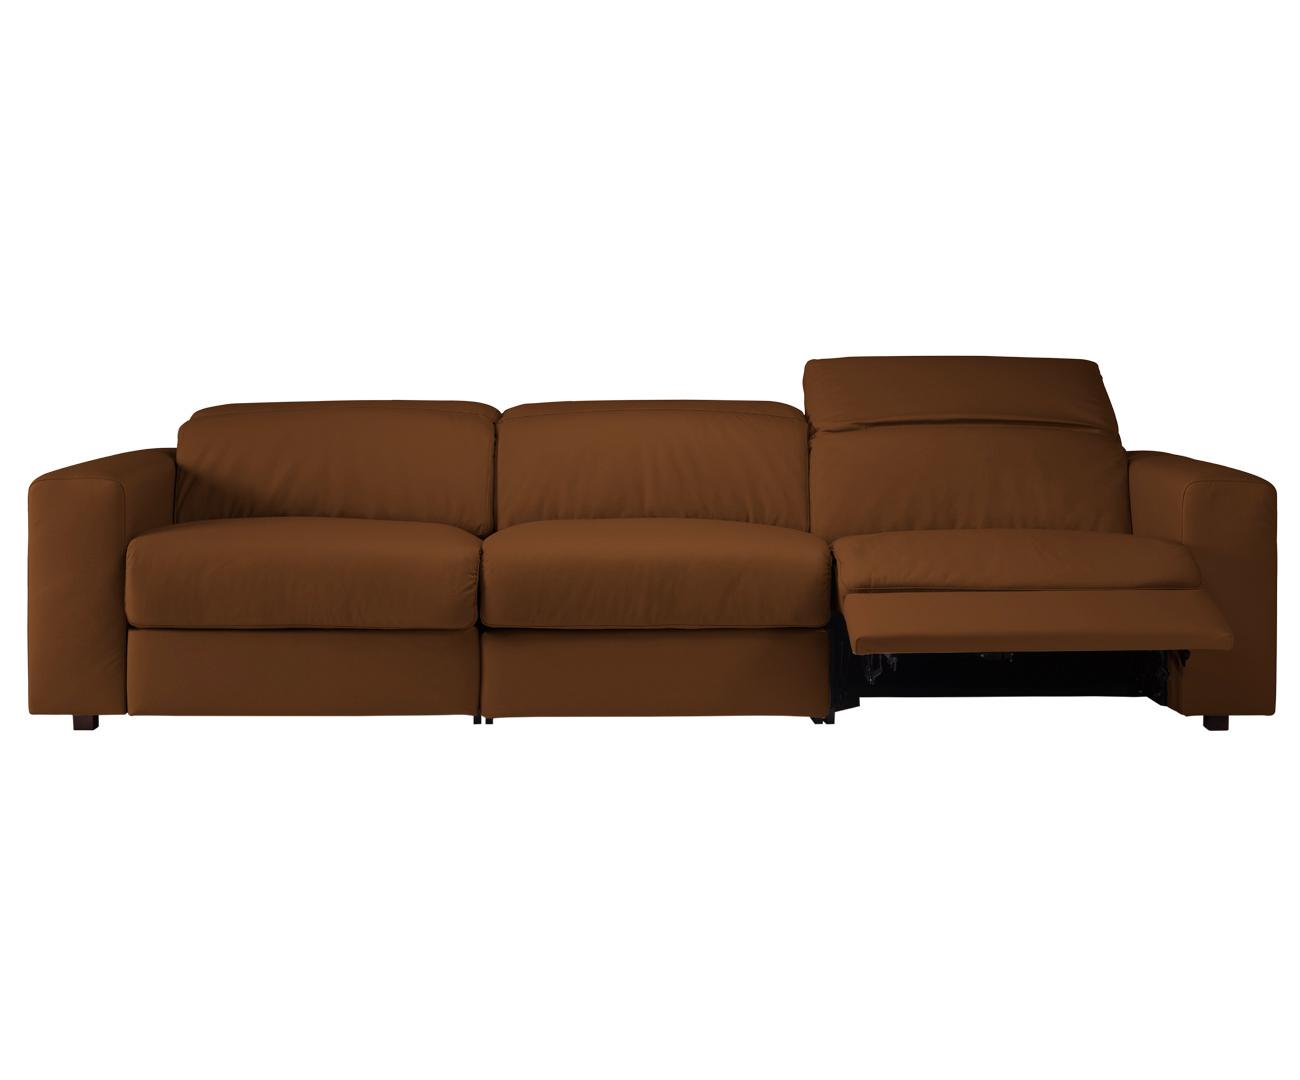 sofá retrátil elétrico em couro natural 3 lugares chelsea ...